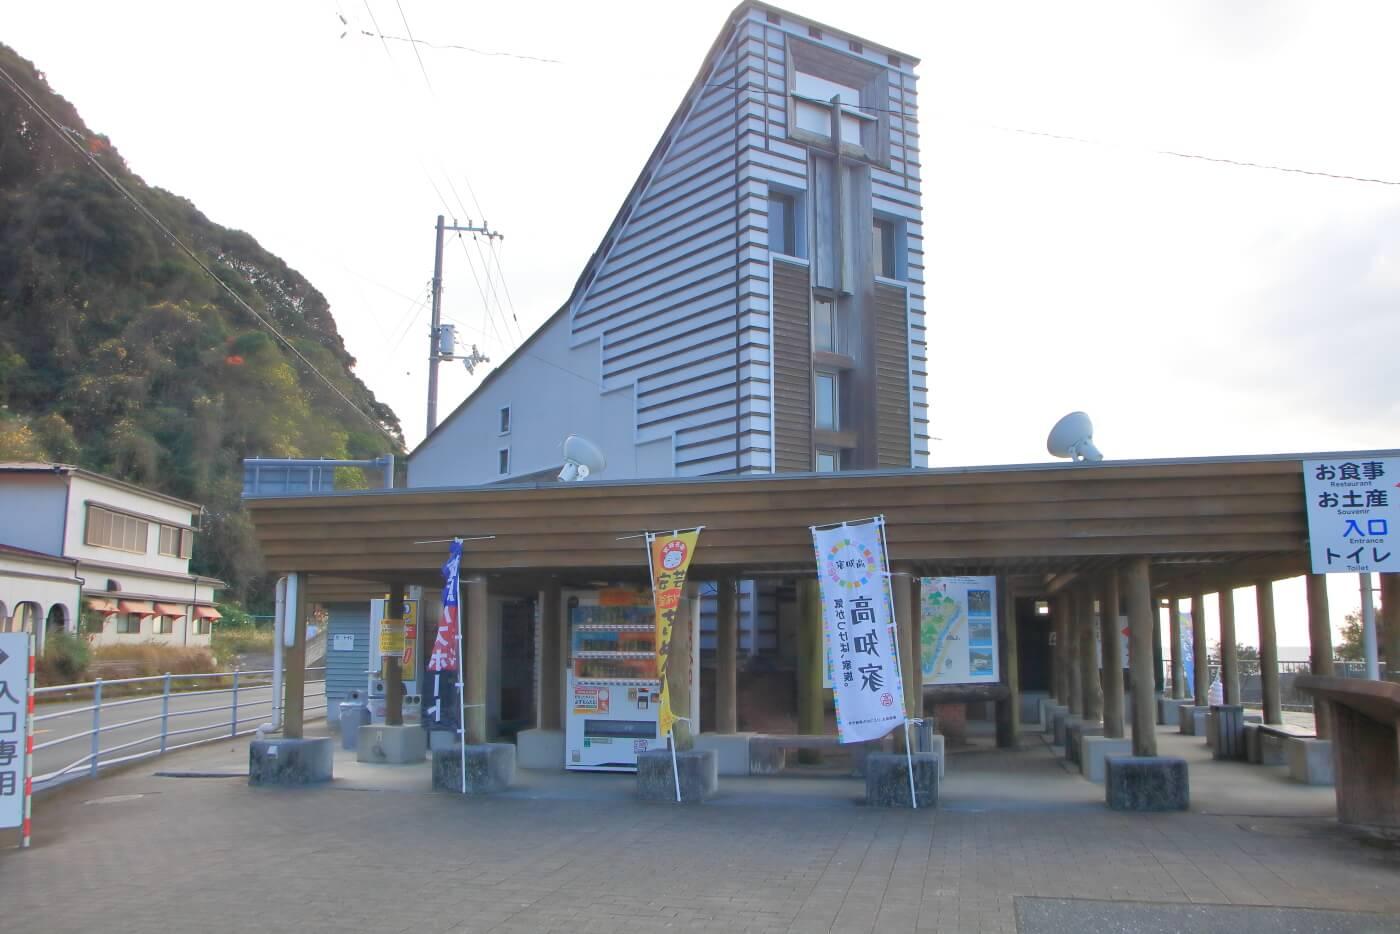 高知県安芸市の道の駅 大山